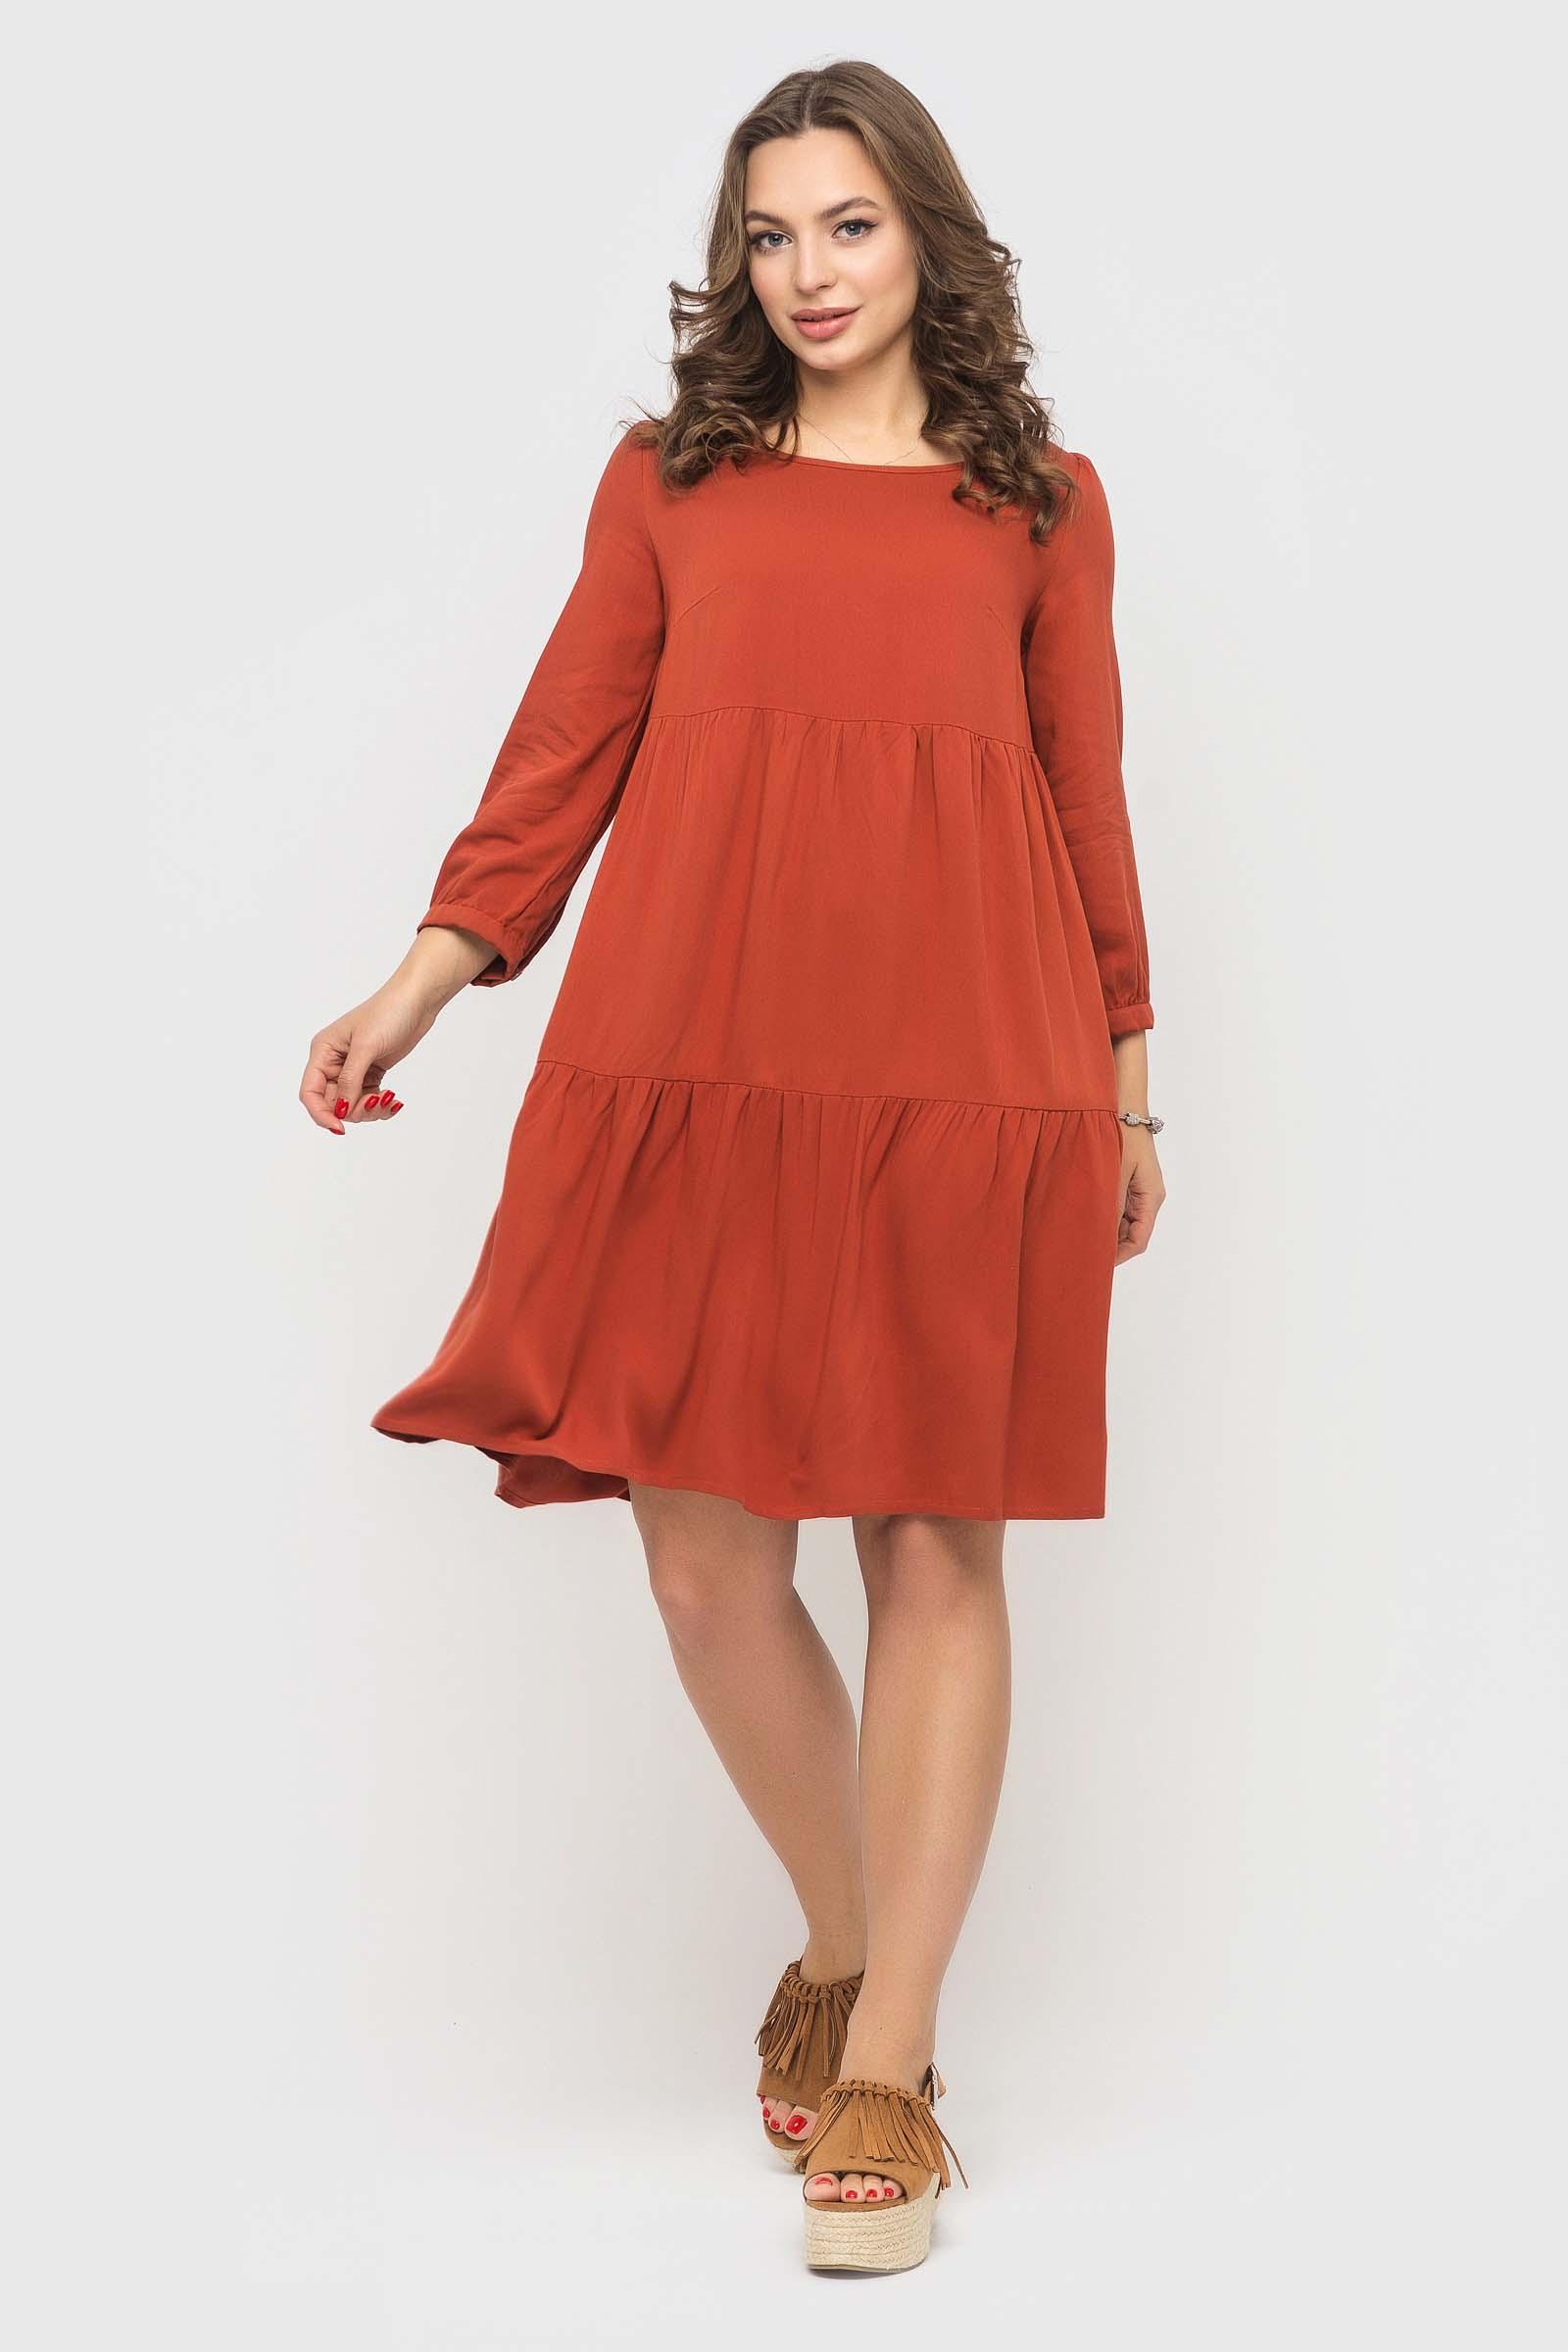 be art 2020 04 07181779 Купить платье